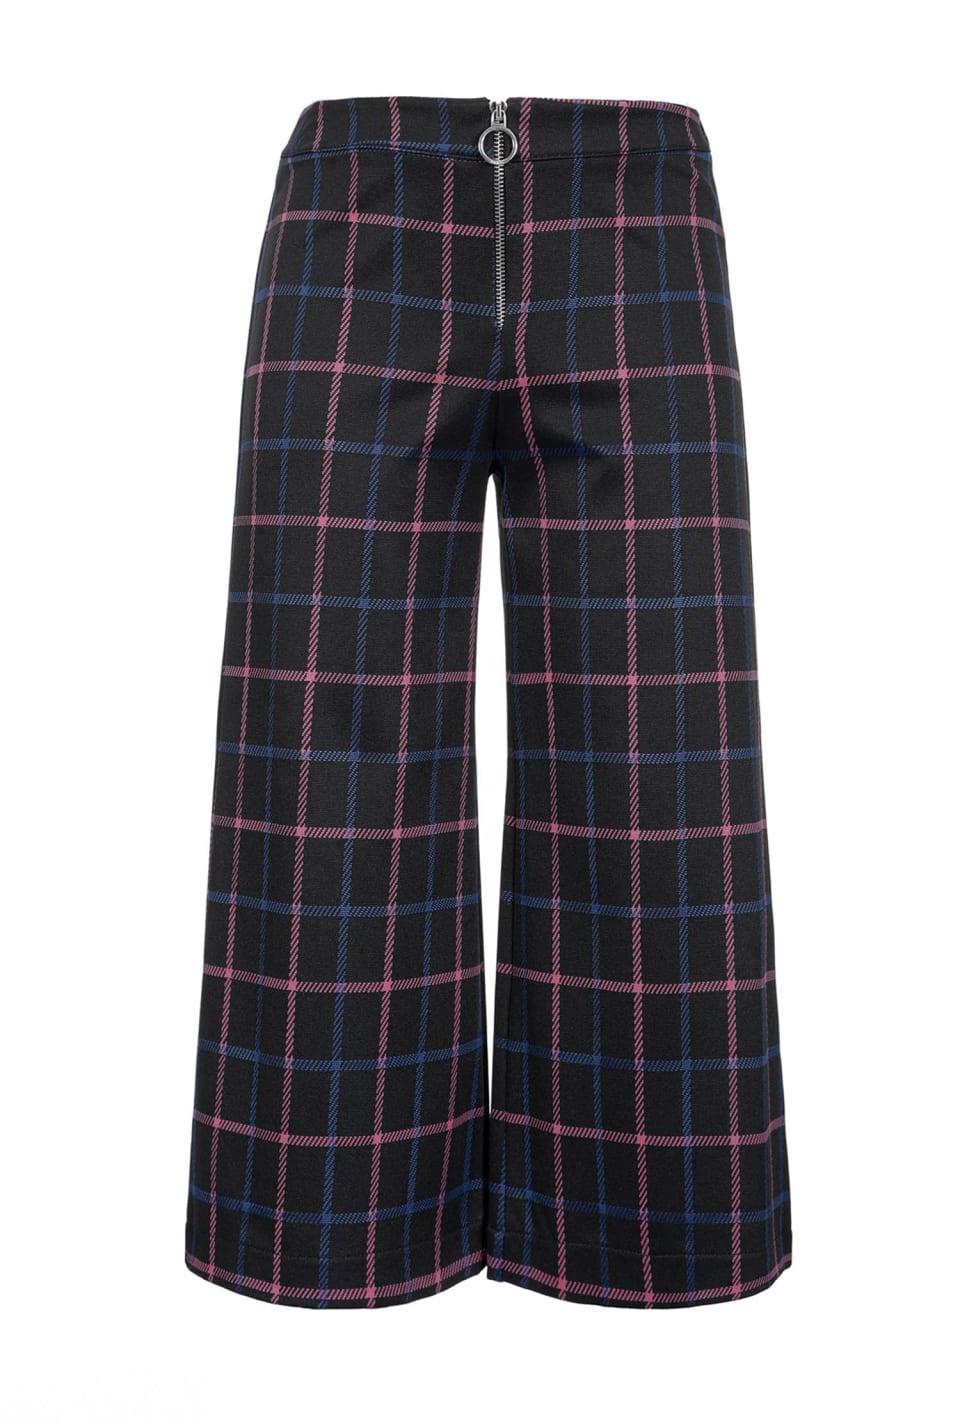 Pantalón amplio con fantasía check